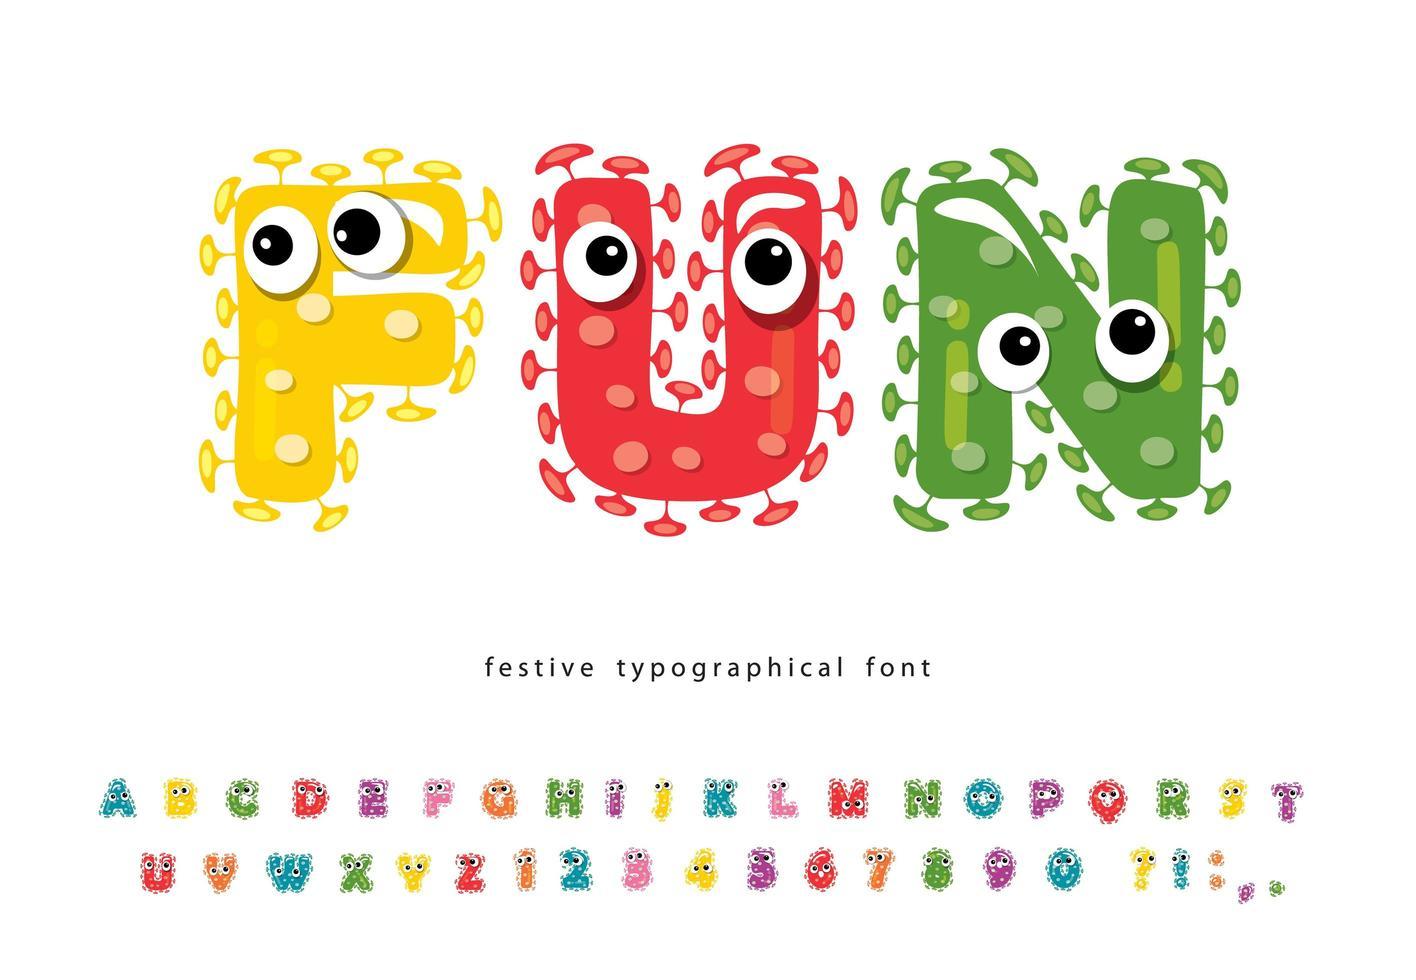 grappig lettertype voor kinderen met schattige monster karakters vector